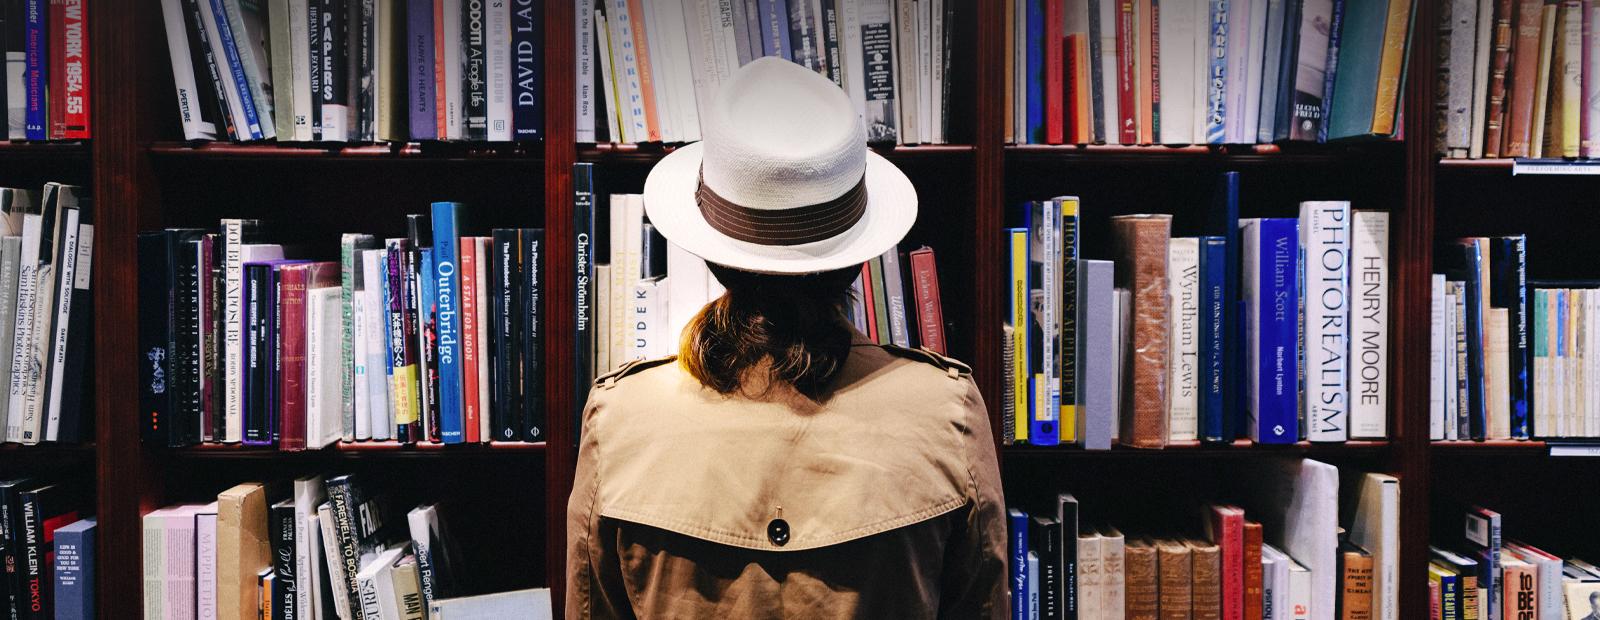 Destination Experiences London - Bespoke Book Tour